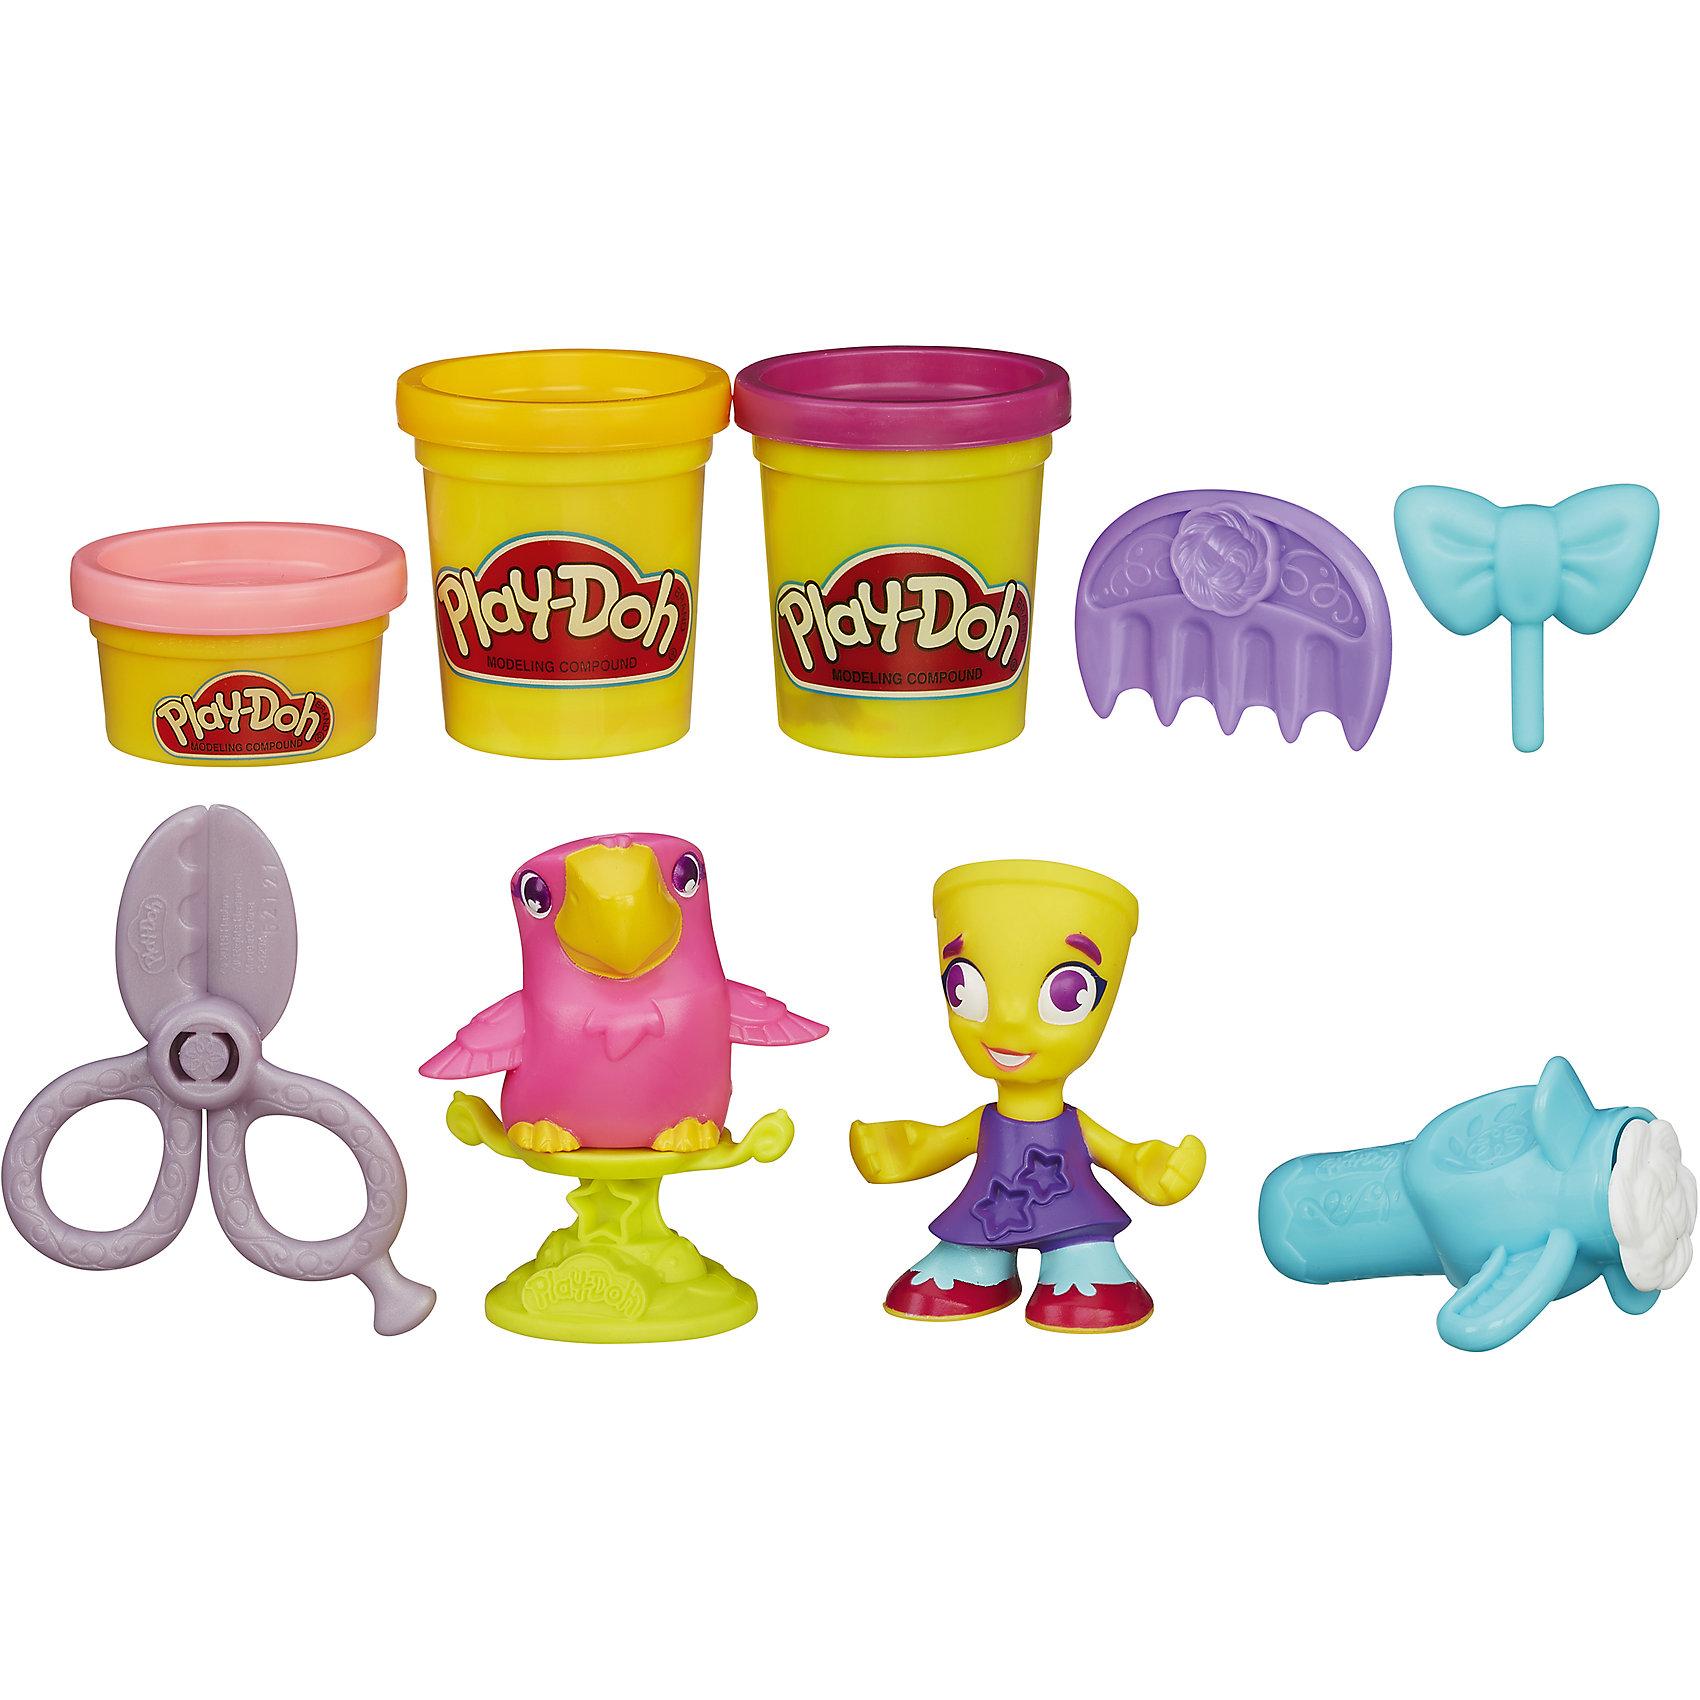 Hasbro Игровой набор Житель и питомец, Город, Play-Doh, B3411/B5973 наборы для лепки play doh игровой набор сумасшедшие прически